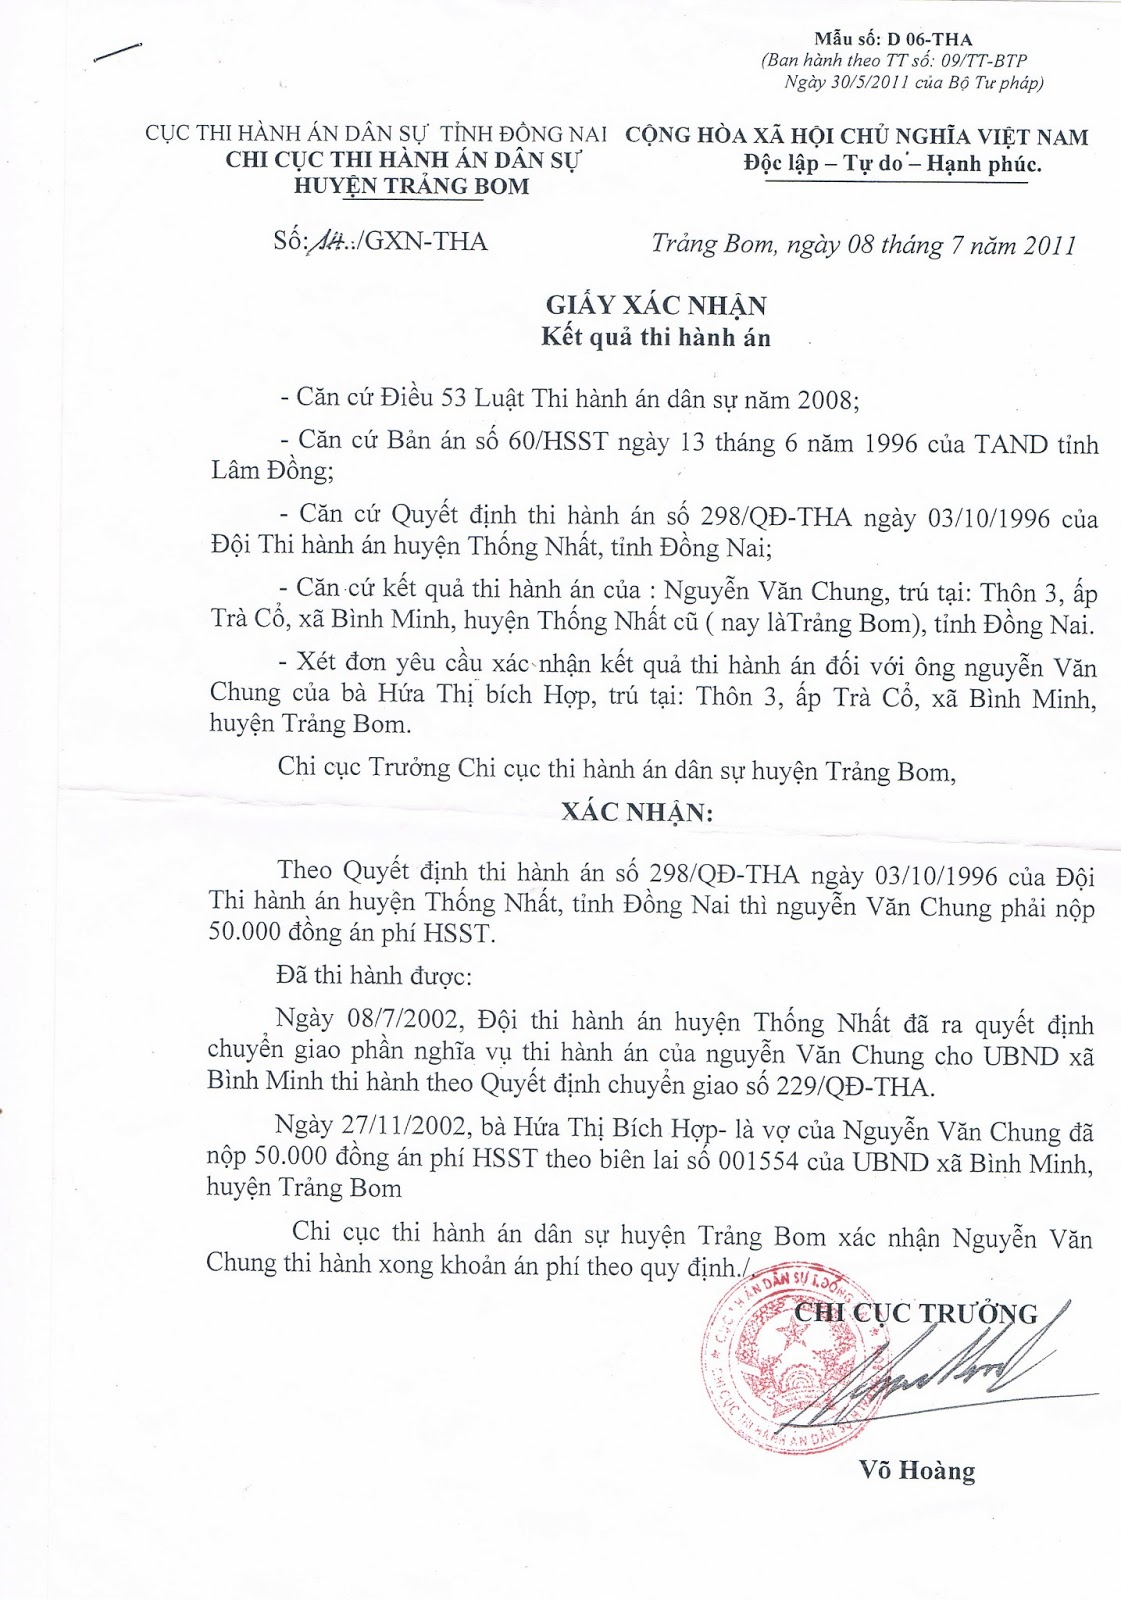 NguyenVanChung-02-Danlambao